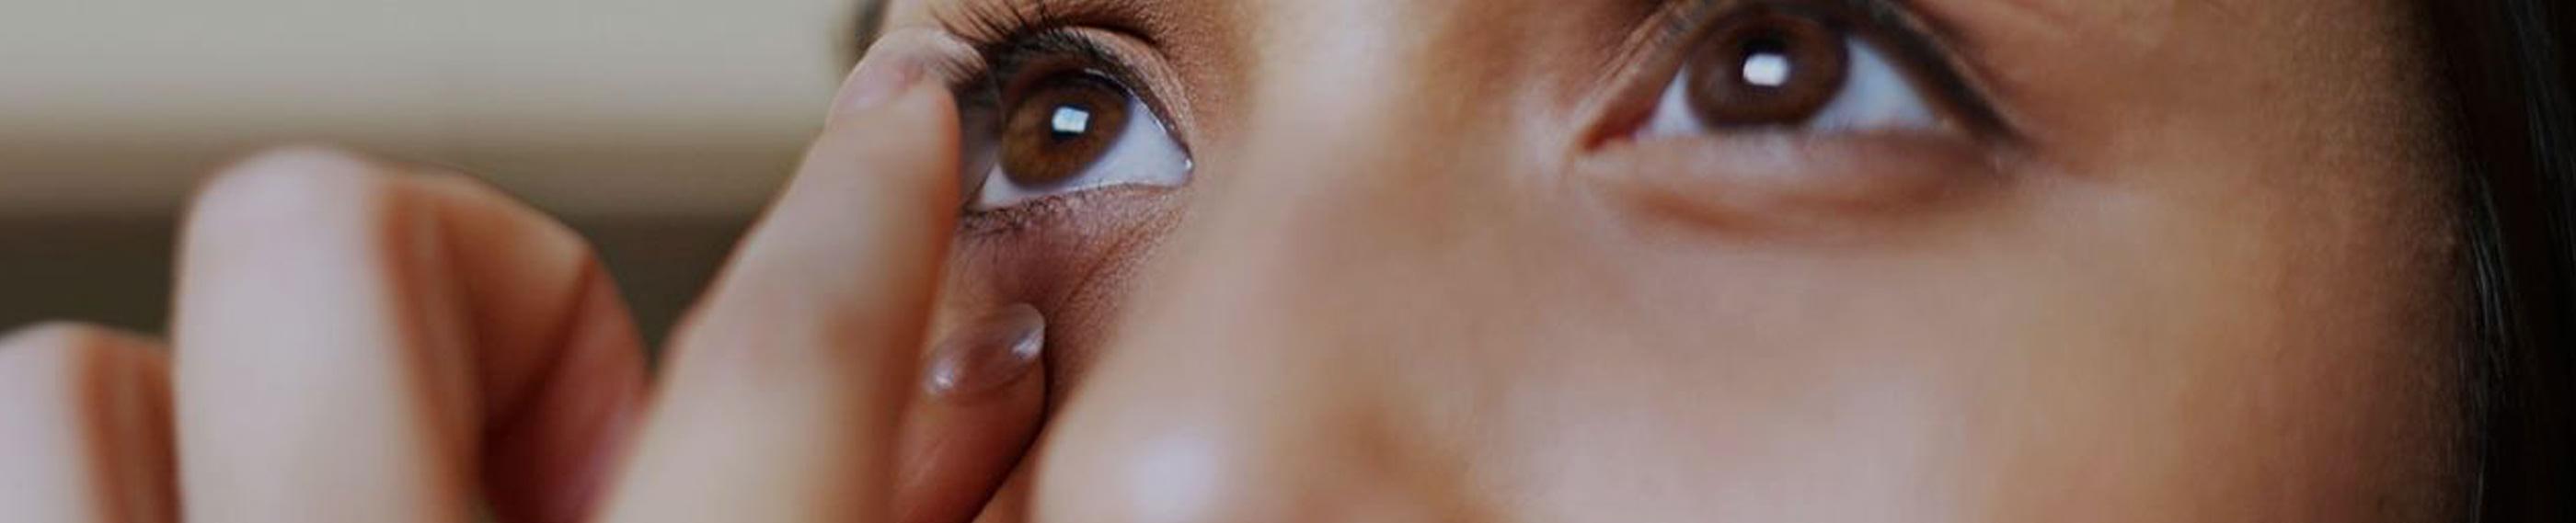 Wpatrzona w lustro kobieta zakładająca soczewki kontaktowe